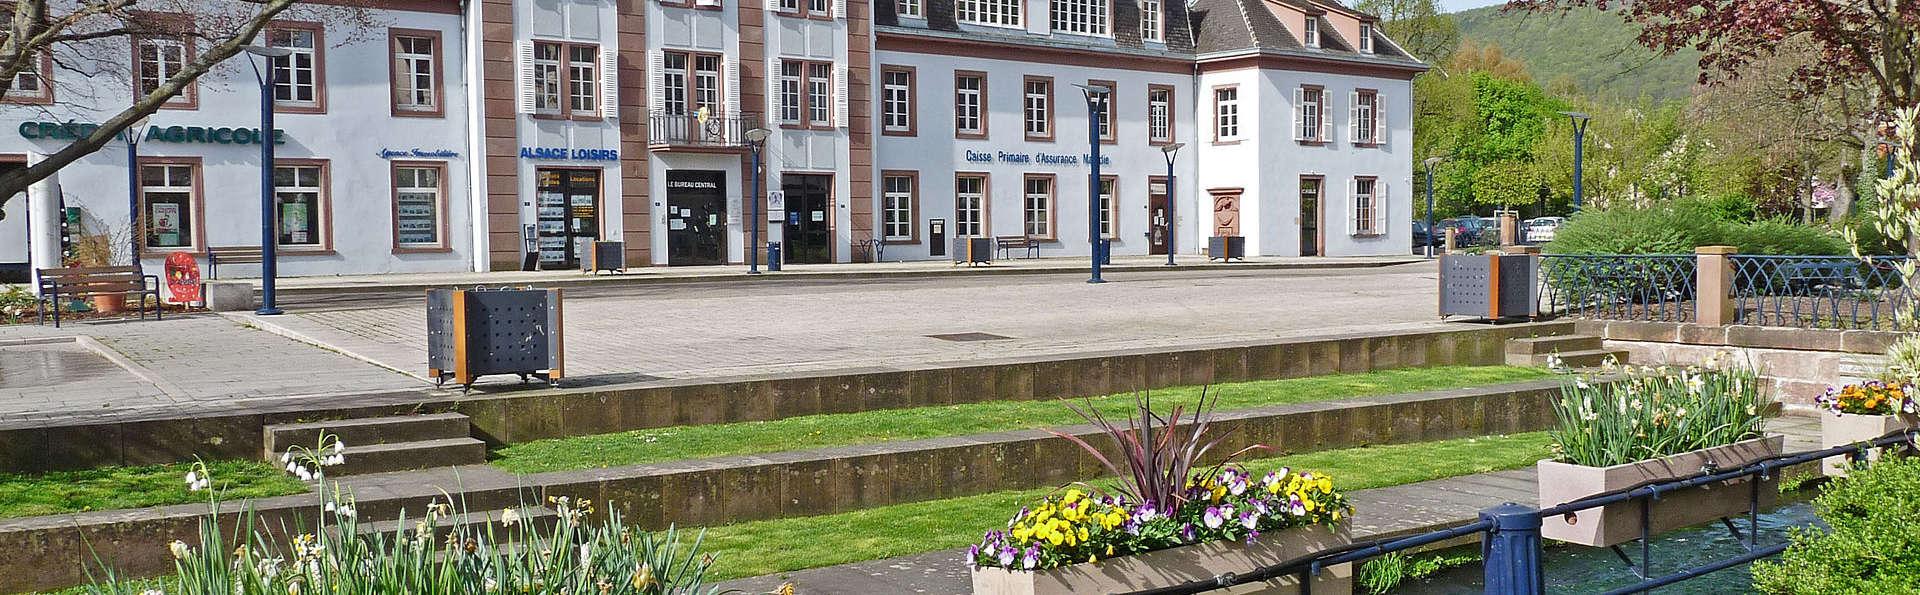 Hôtel du Parc Spa & Wellness - Niederbronn - EDIT_destination.jpg